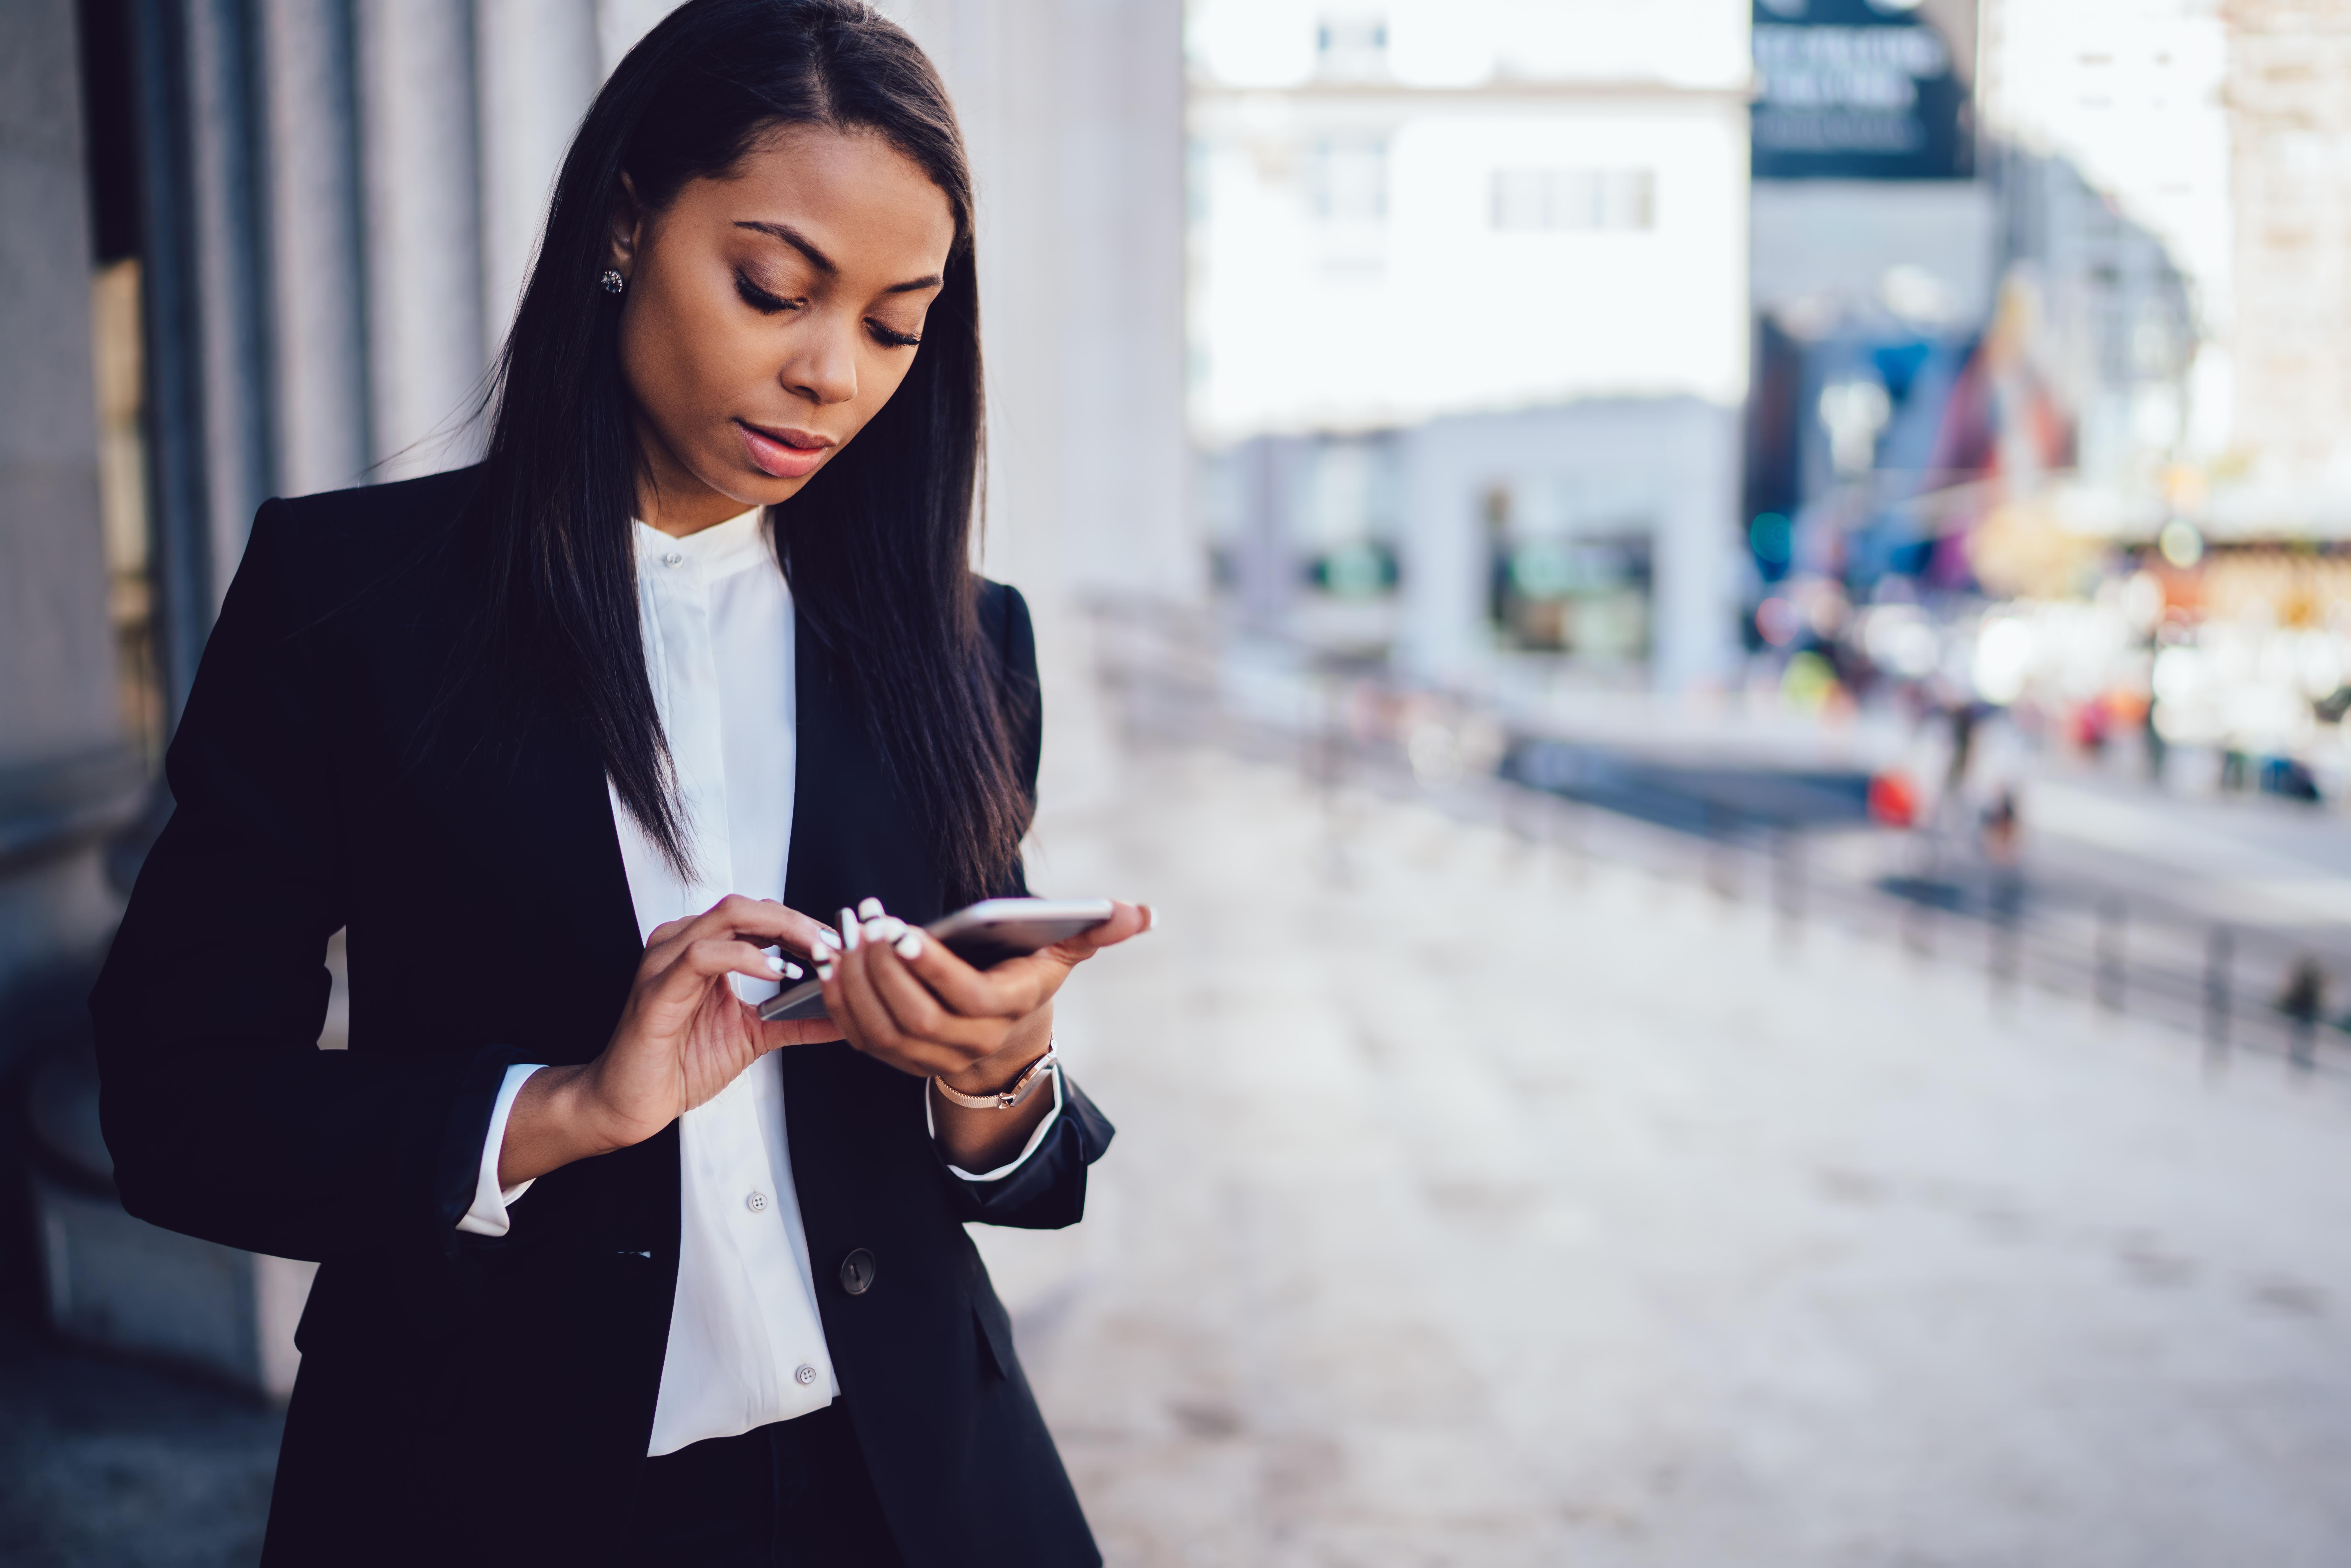 African American female entrepreneur in